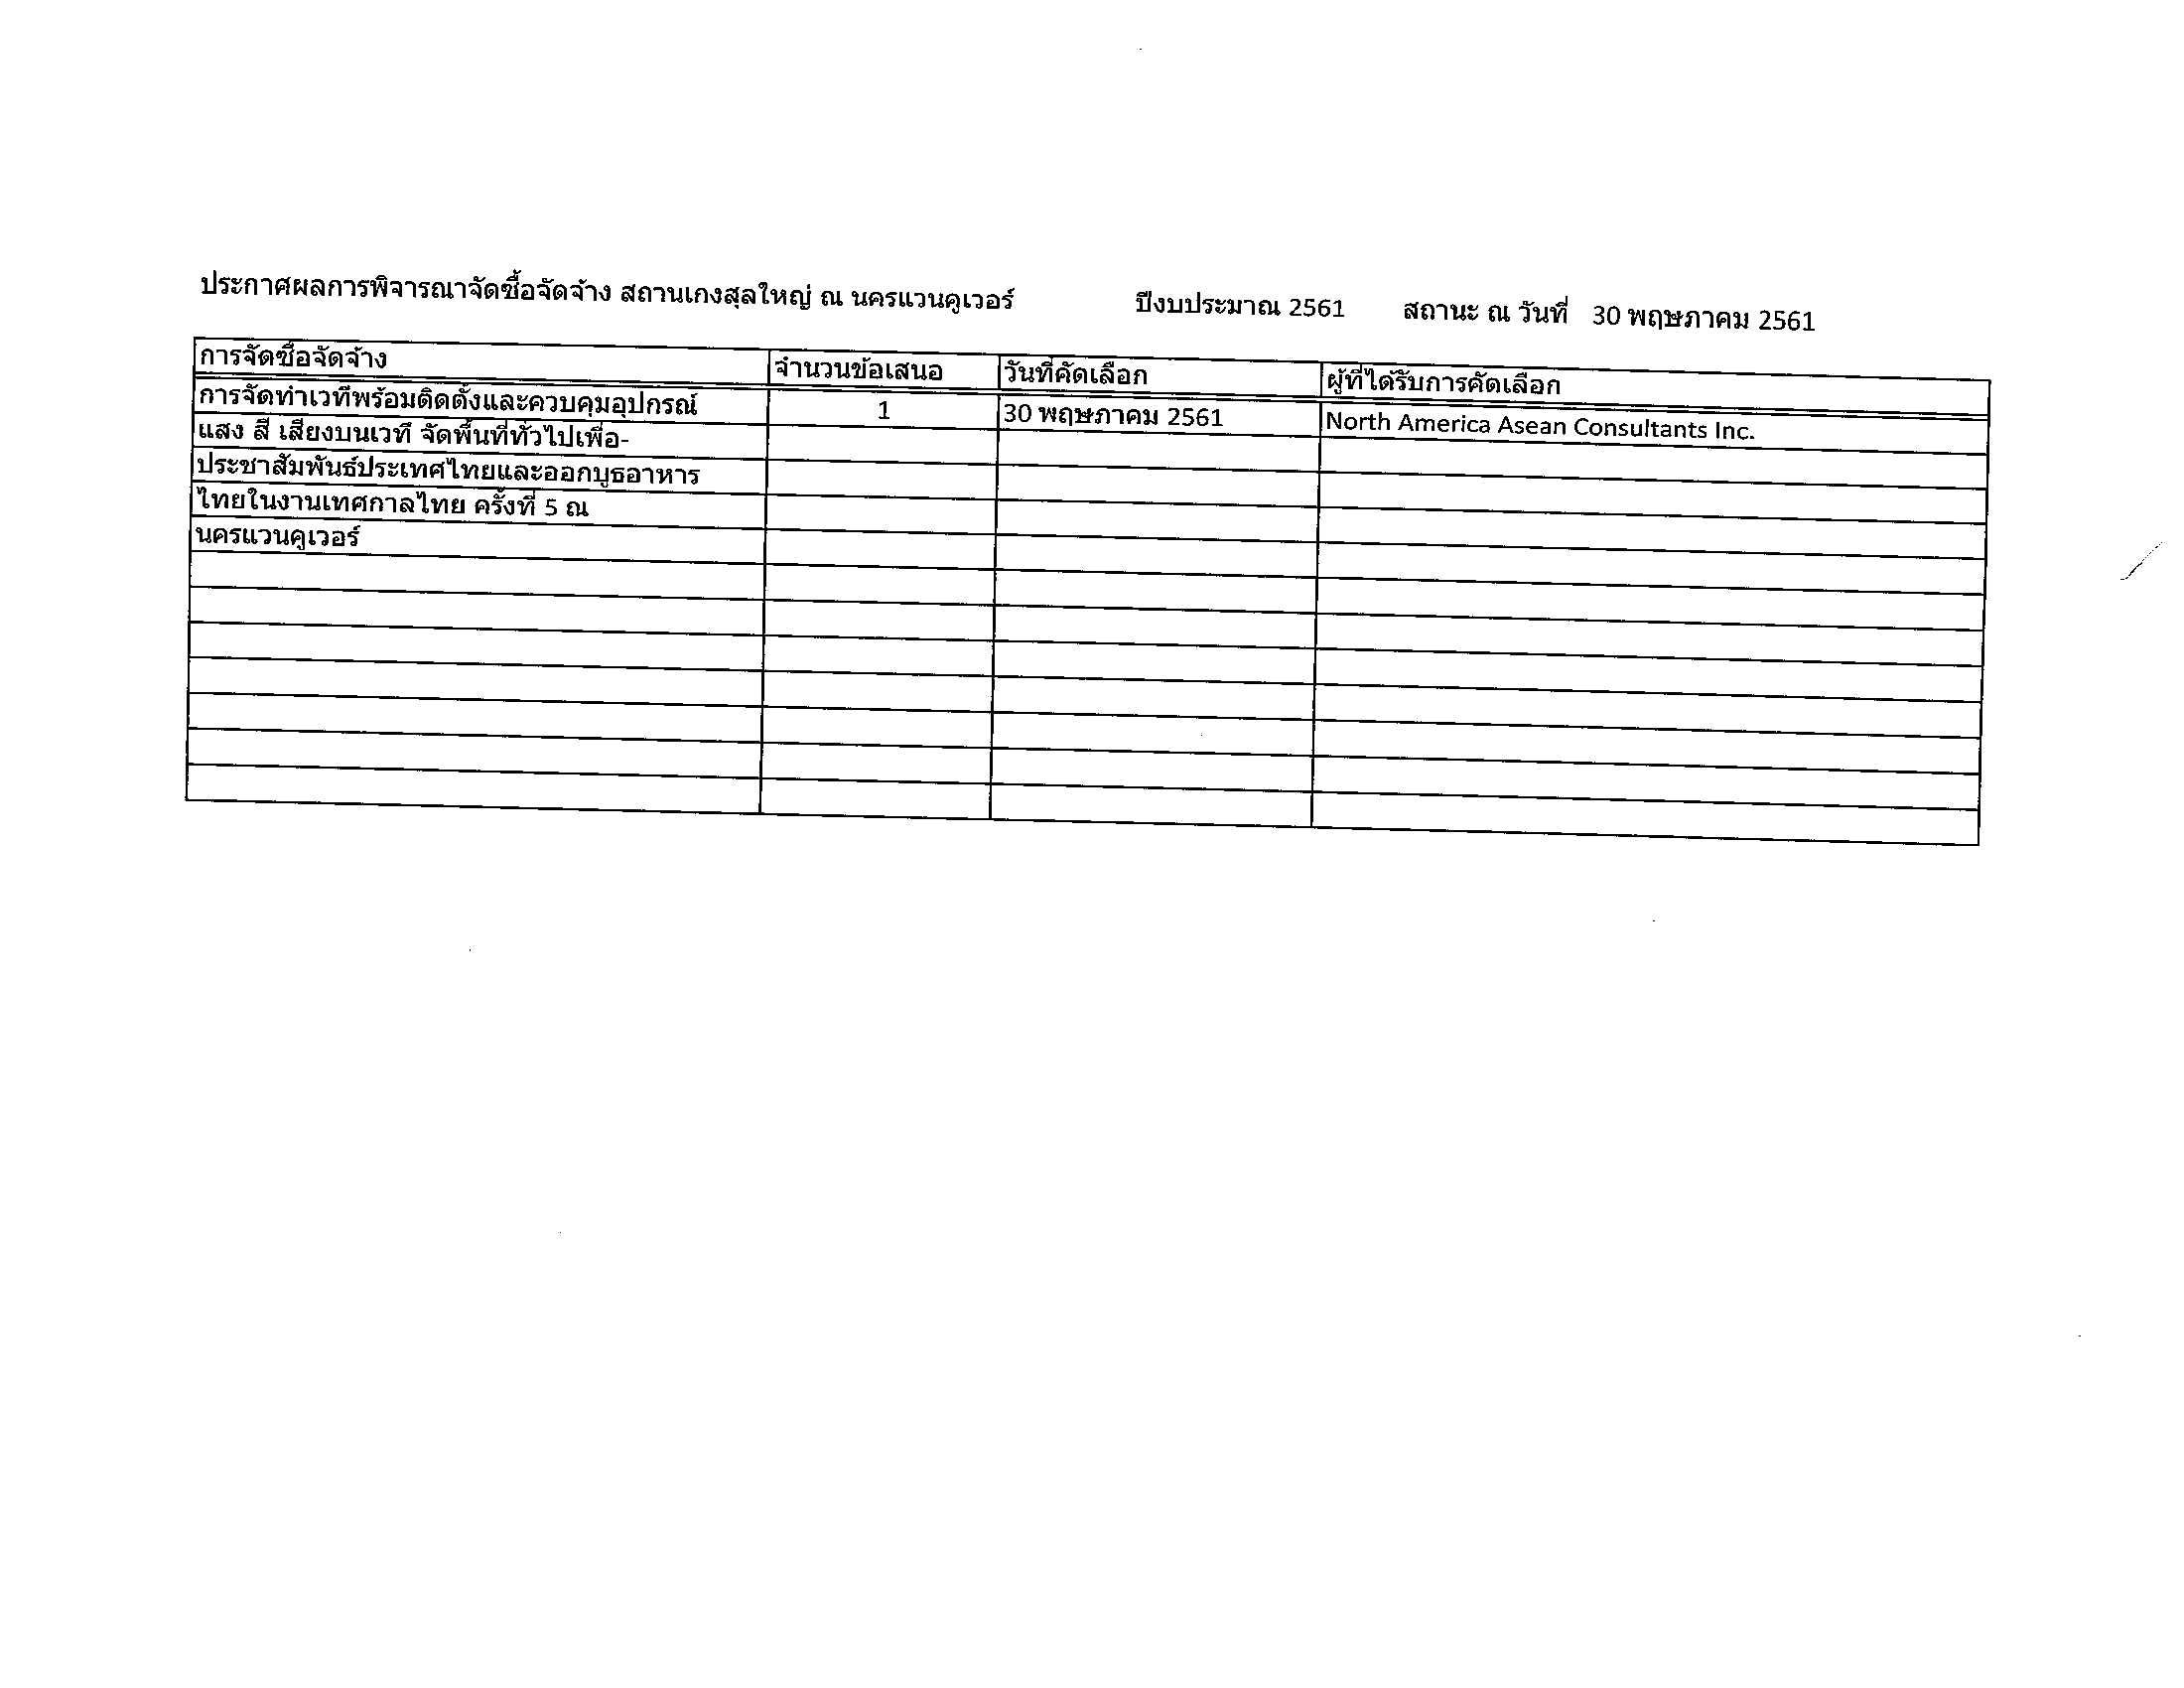 ประกาศผลการพิจารณาจัดซื้อจัดจ้าง สถานกงสุลใหญ่ ณ นครแวนคูเวอร์ ปีงบประมาณ 2561 สถานะ ณ วันที่ 30 พฤษภาคม 2561